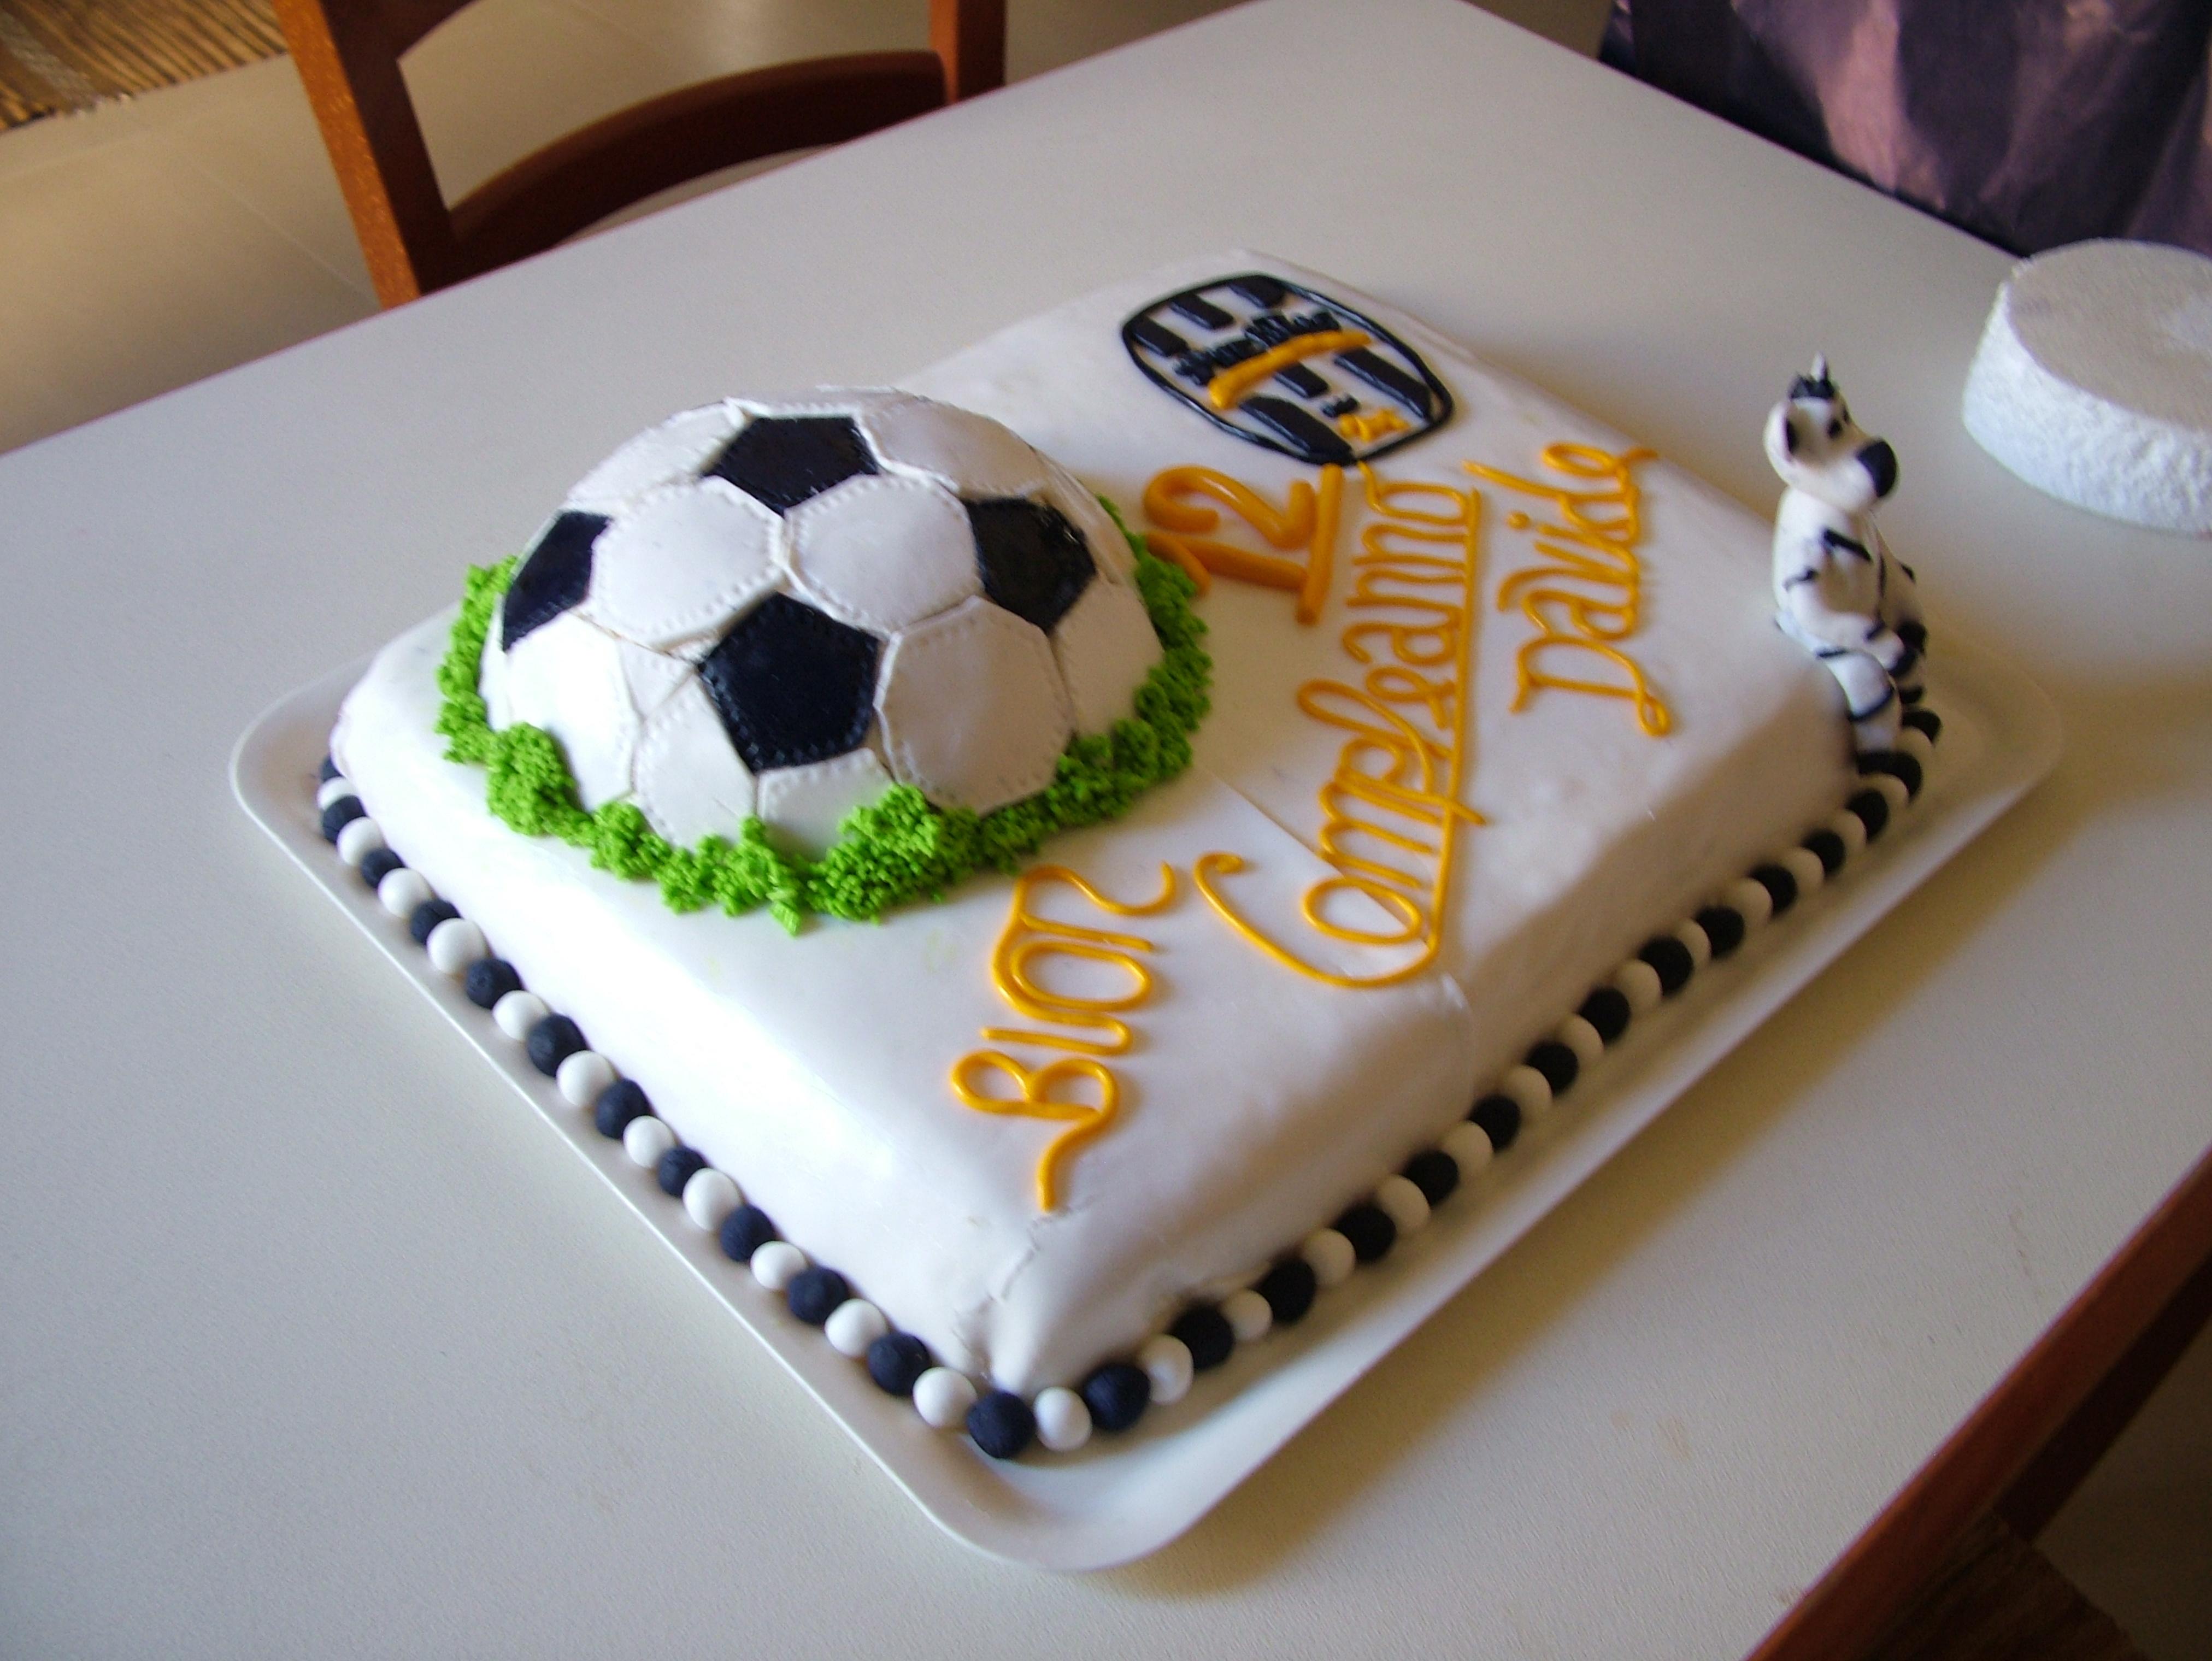 juve con pasta di zucchero bella e semplice da preparare - Decorazioni Torte Juventus